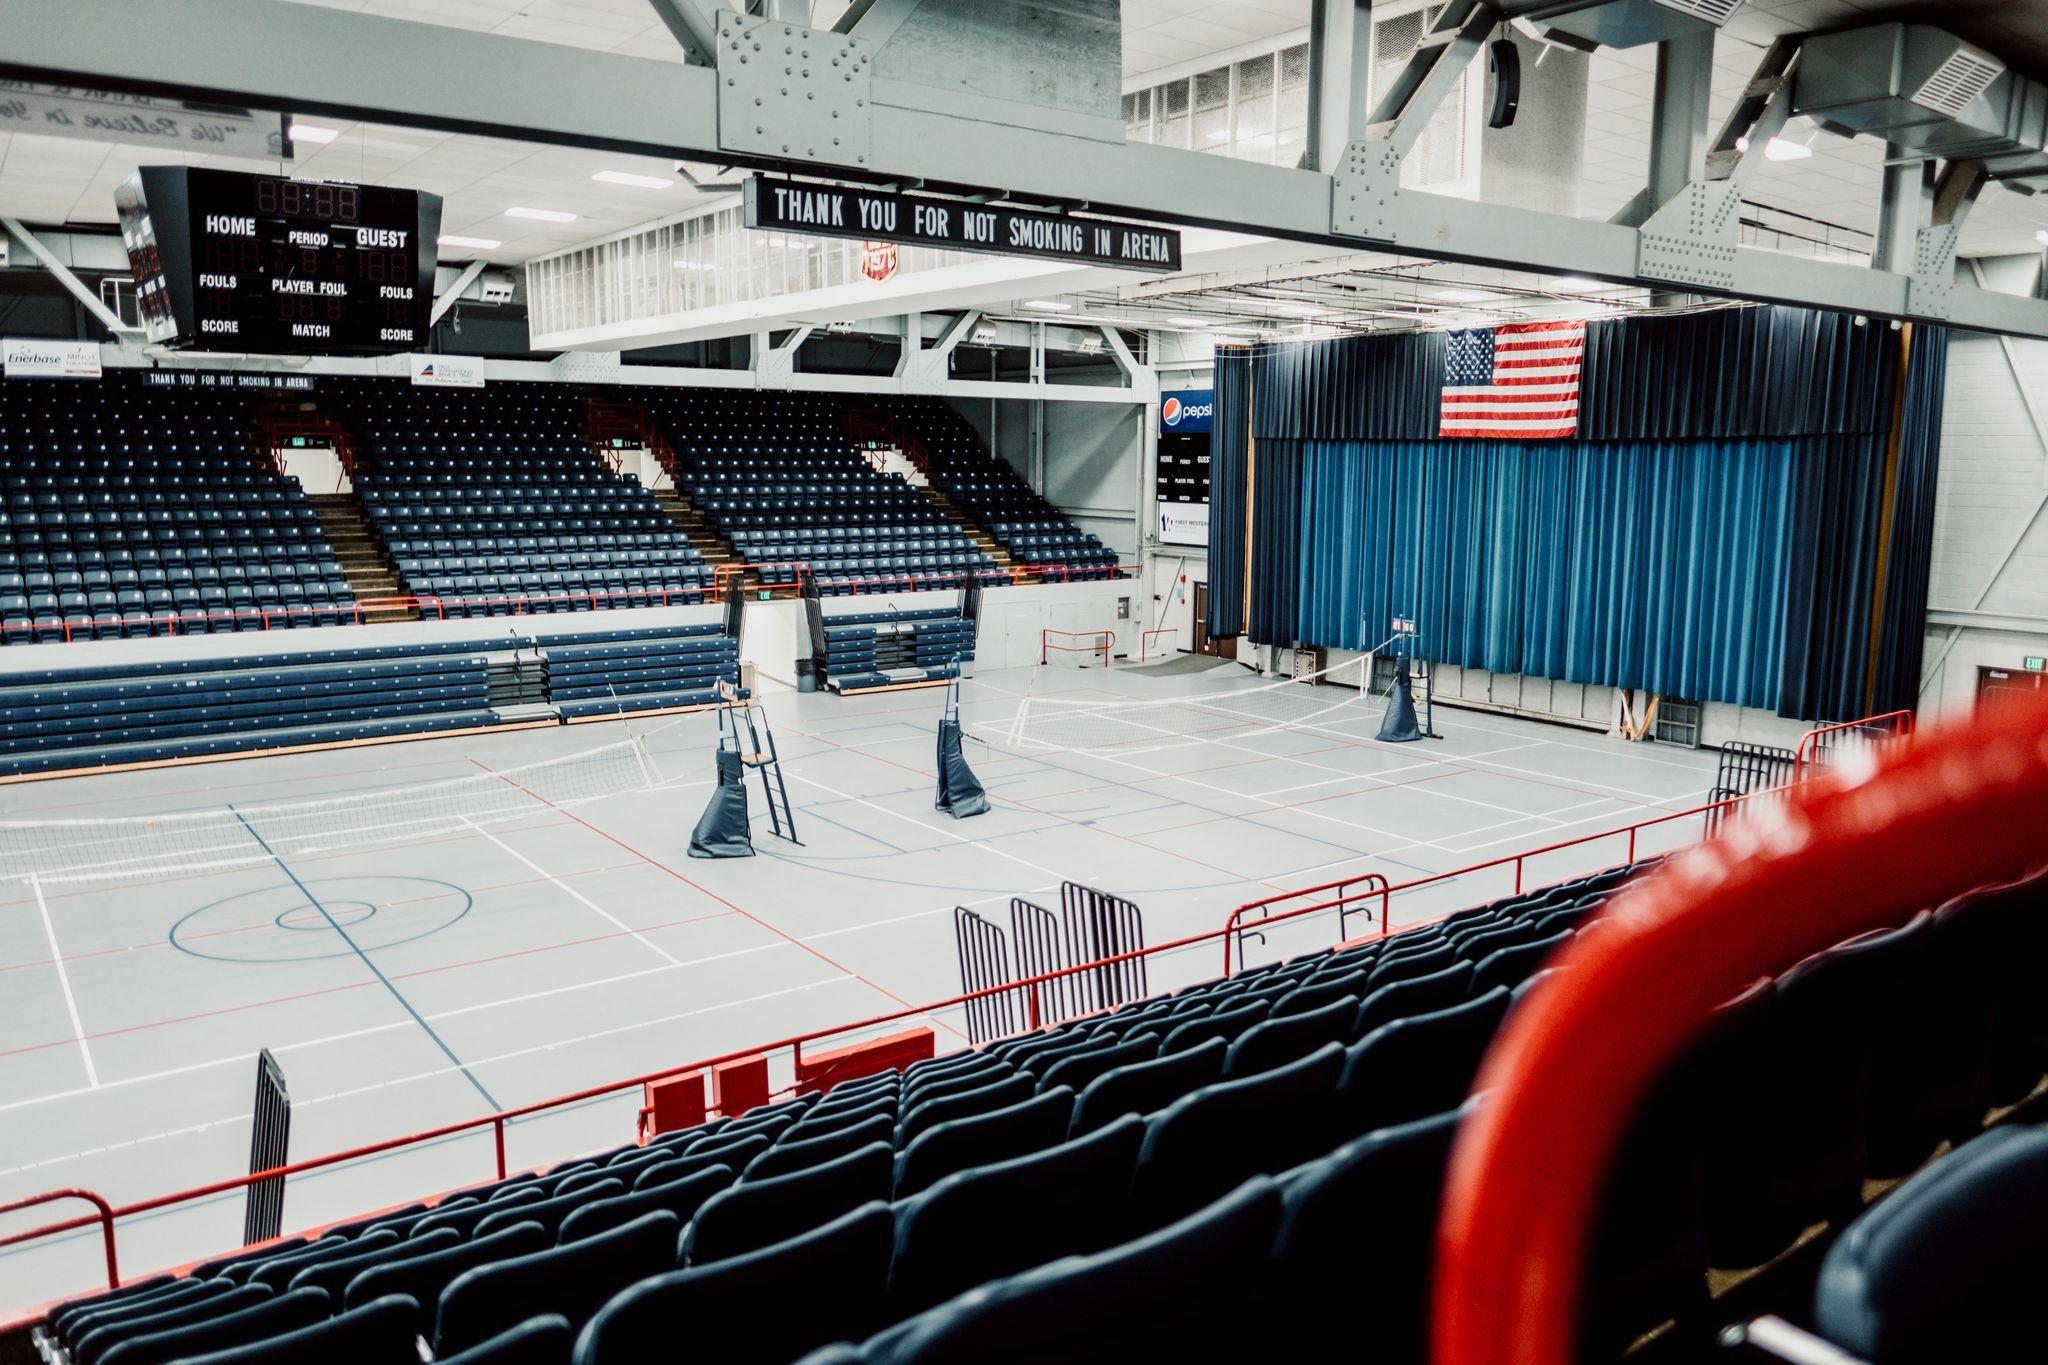 Minot Auditorium